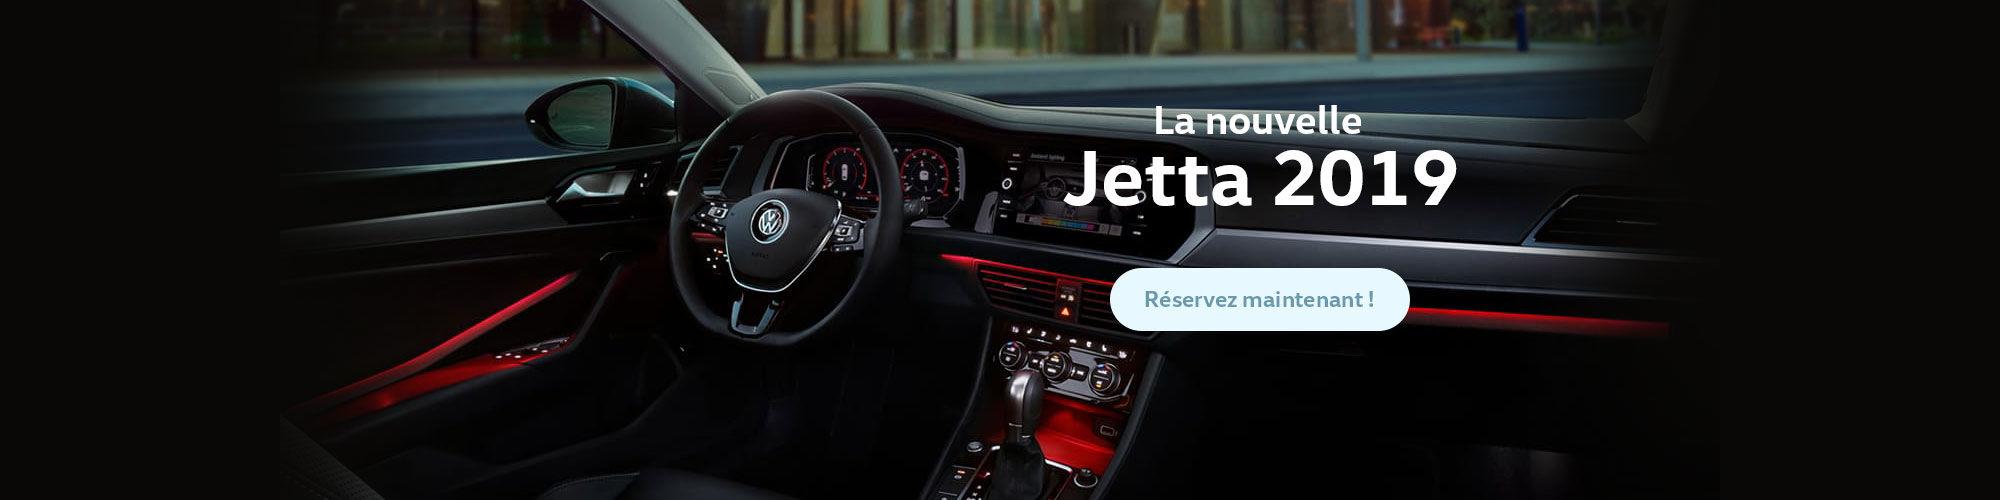 La nouvelle Jetta 2019